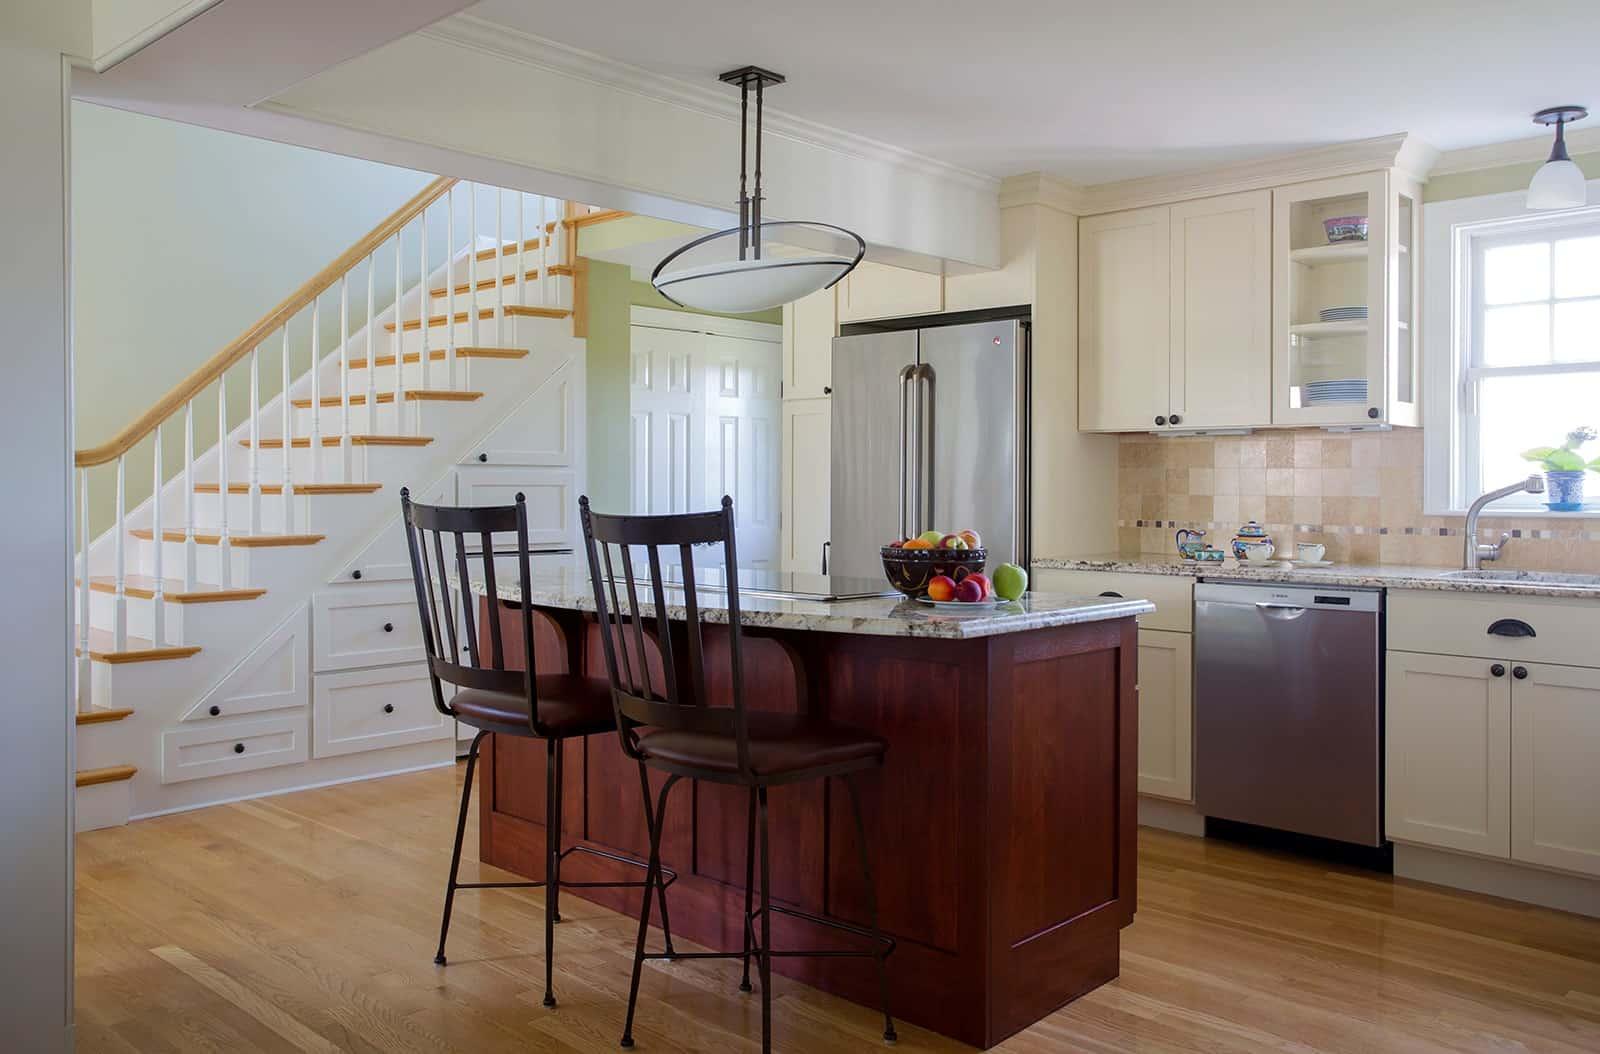 Cape Style Home Interiors Ipswich MA Kitchen